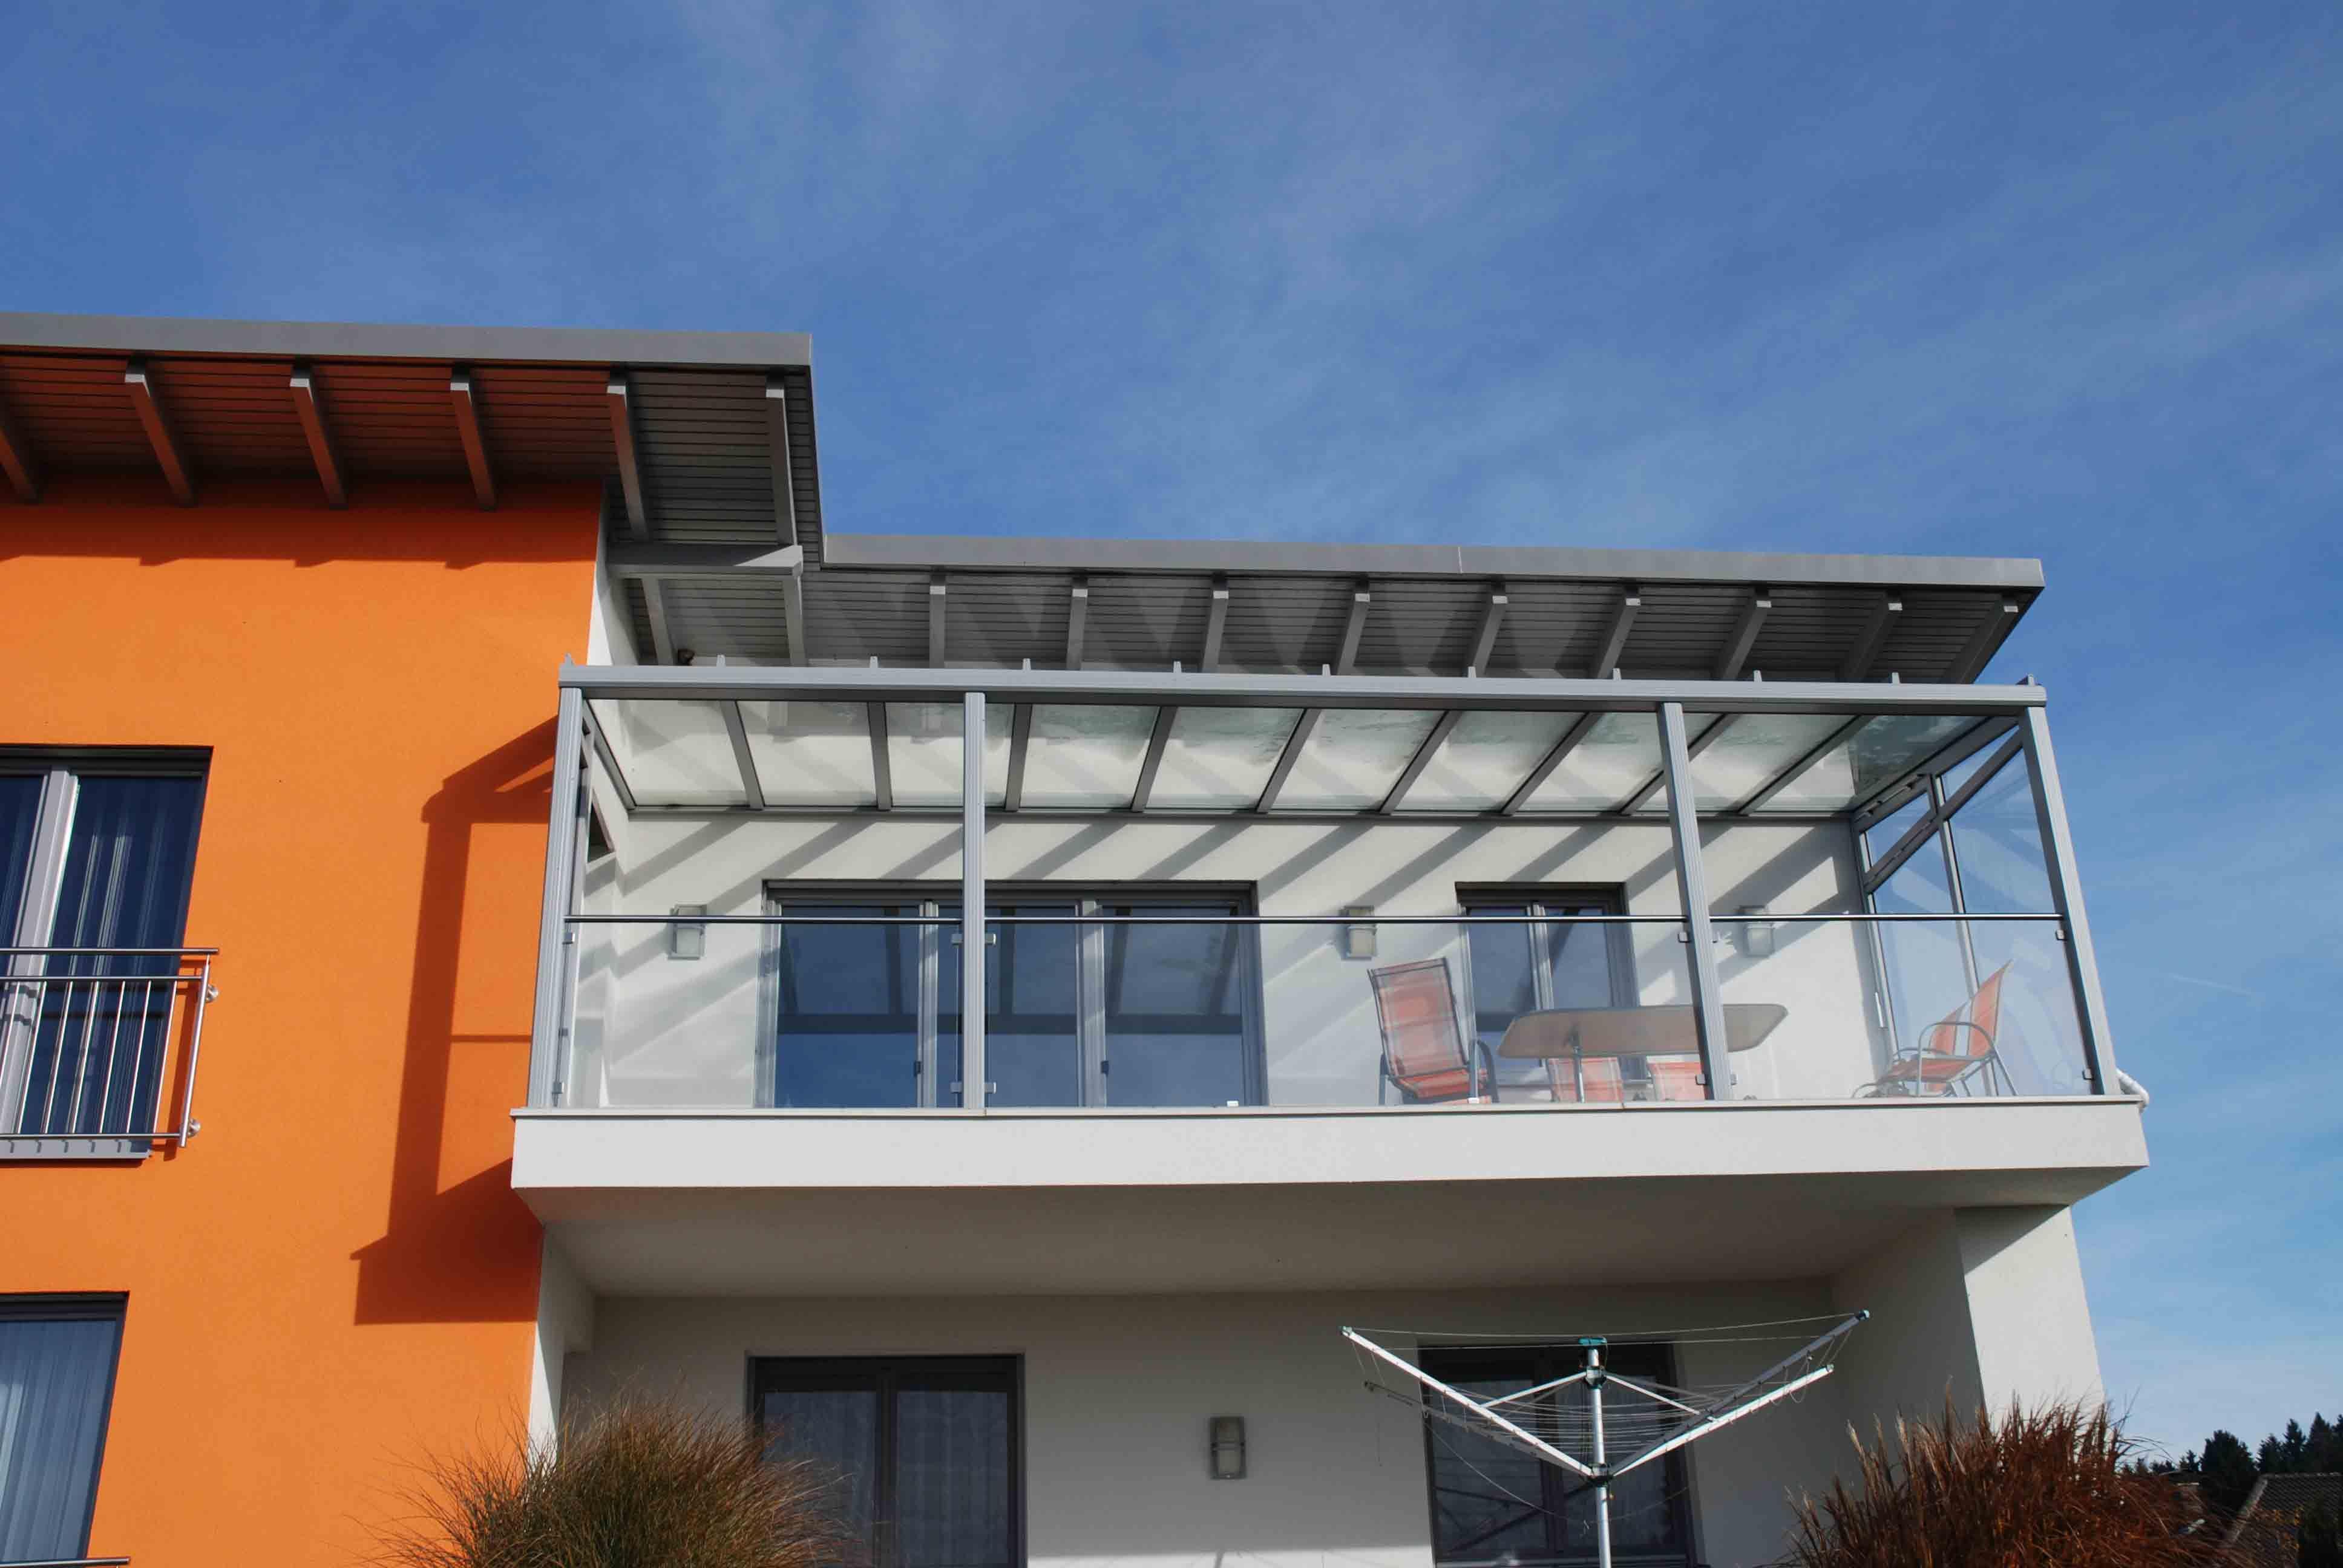 Balkonüberdachung Glas Ideen | Verglasungen // Balkon ...